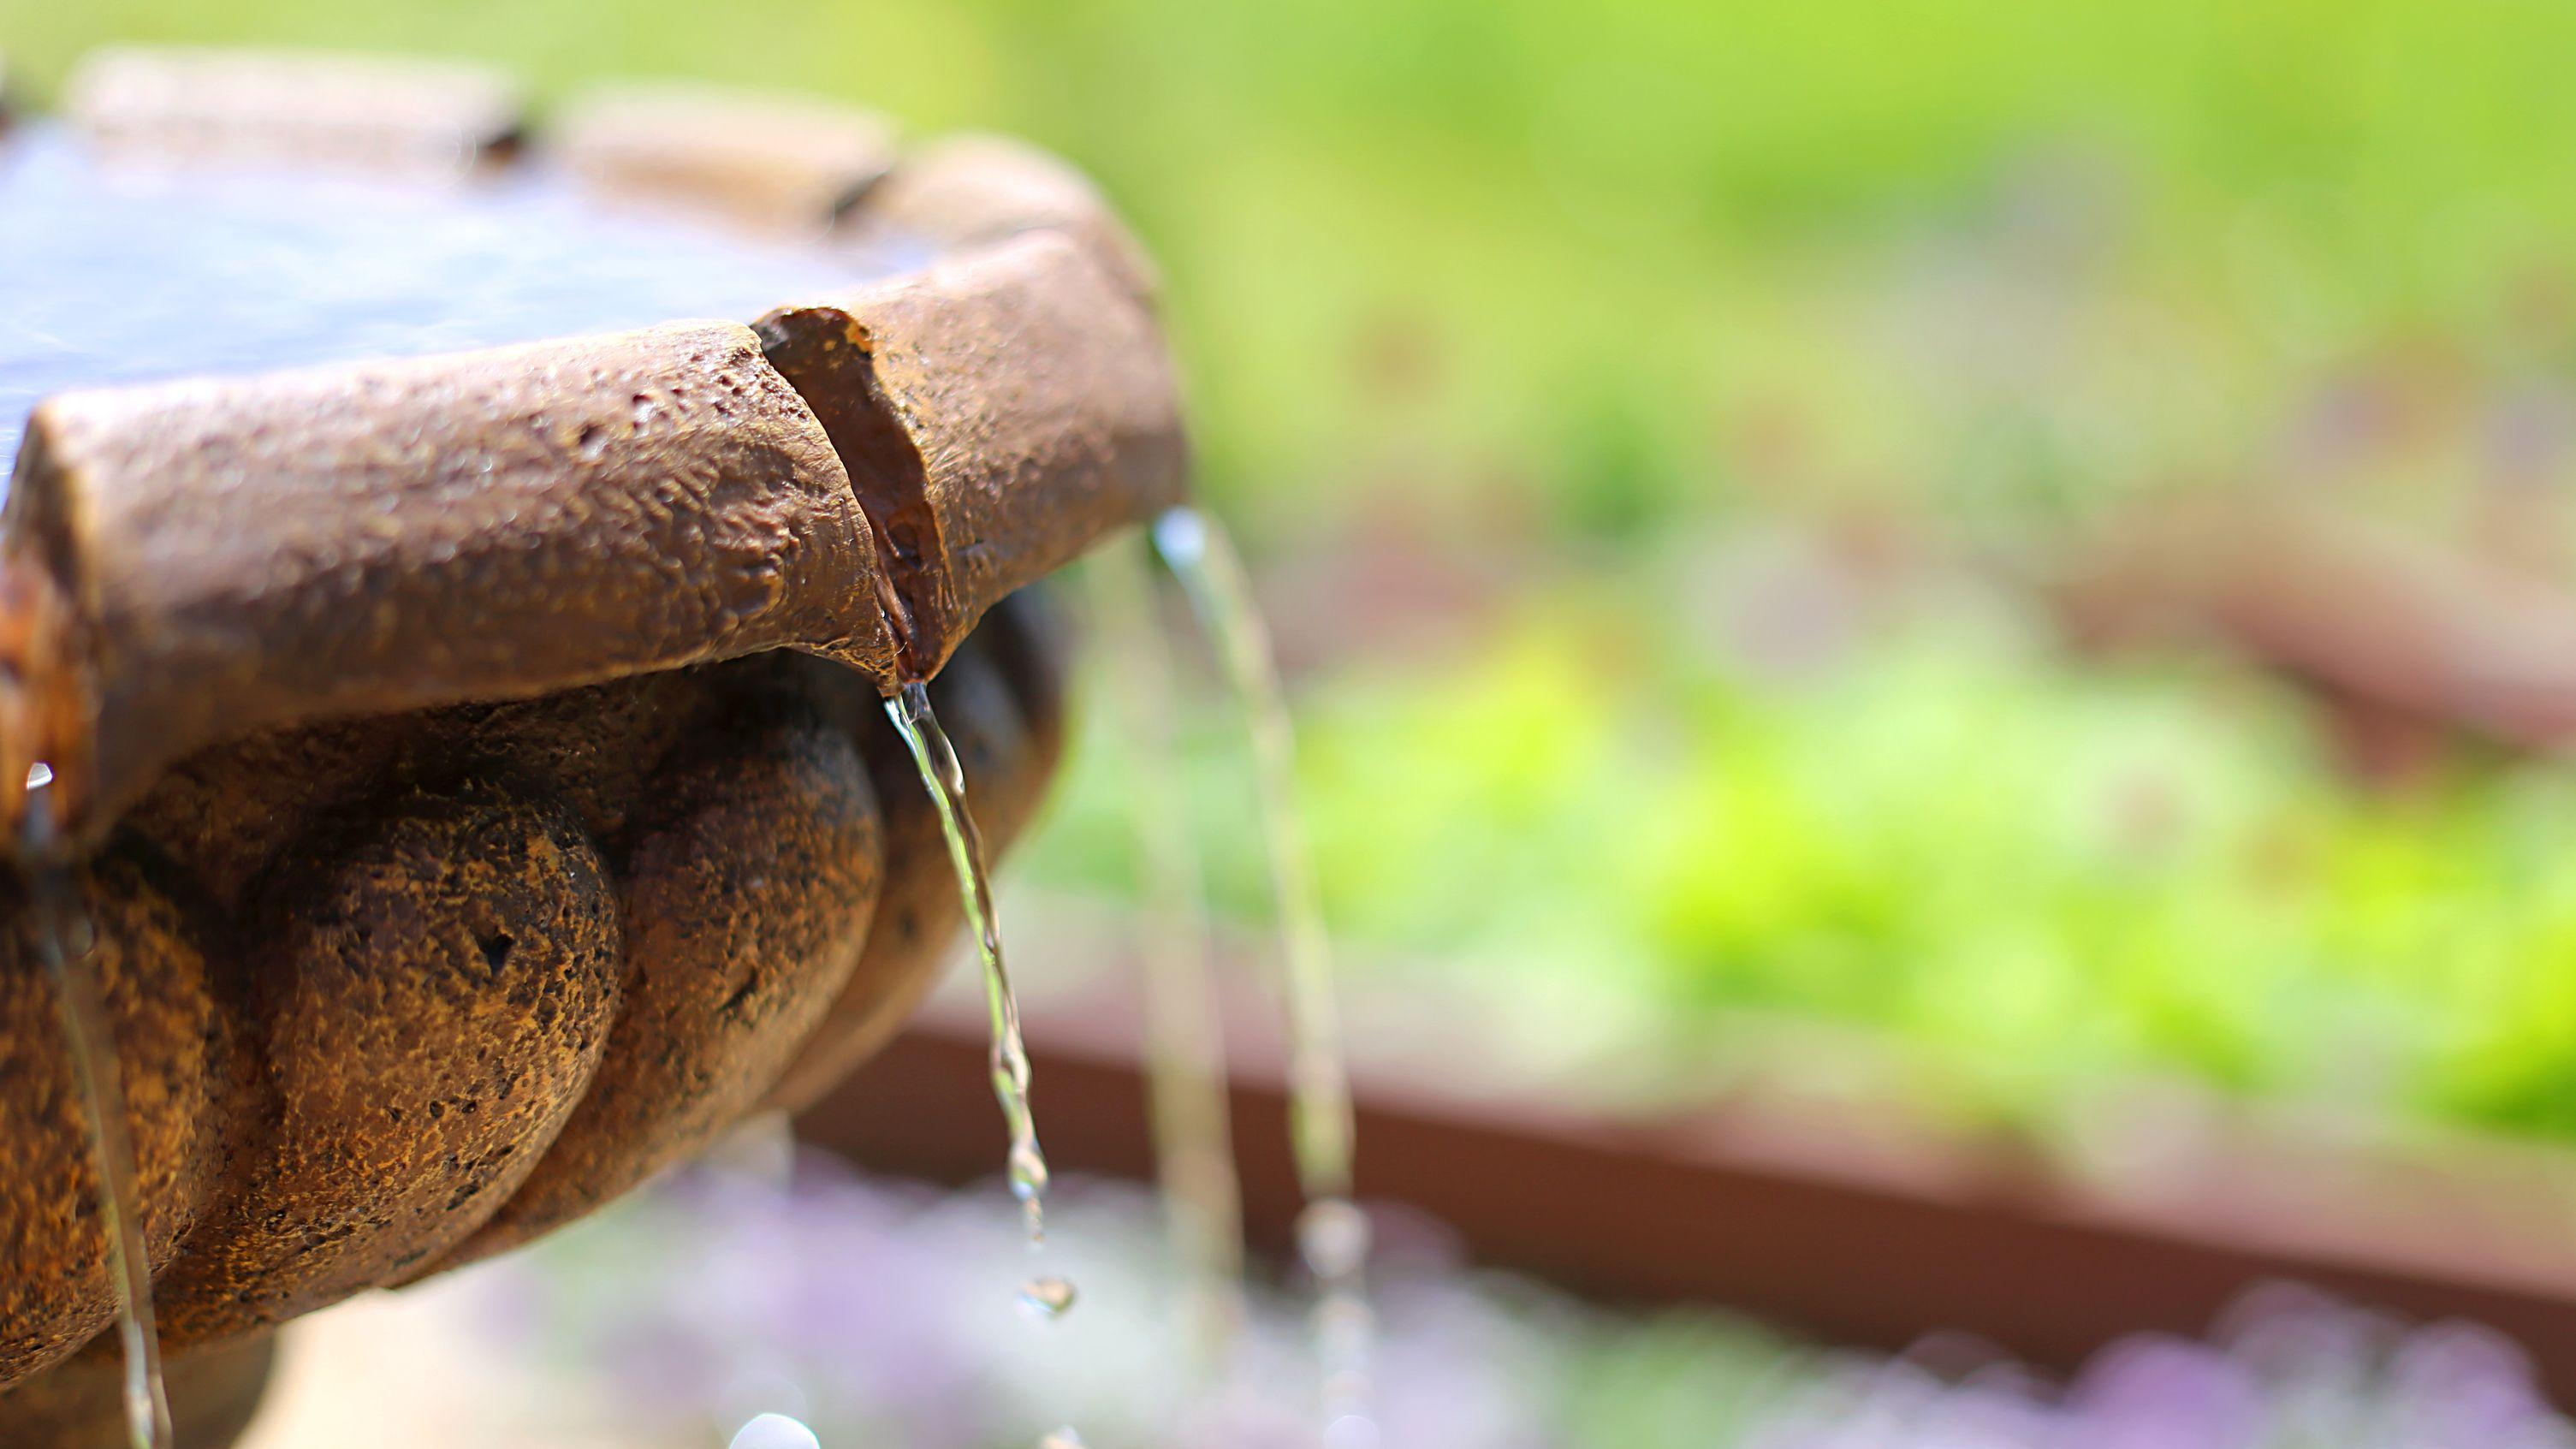 ¿Cómo elegir una fuente de jardín?